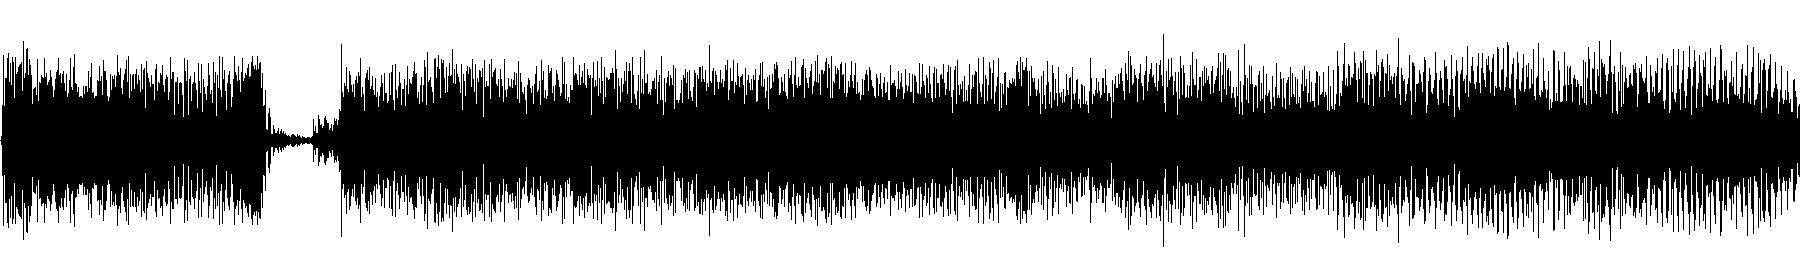 gc riff140d 03